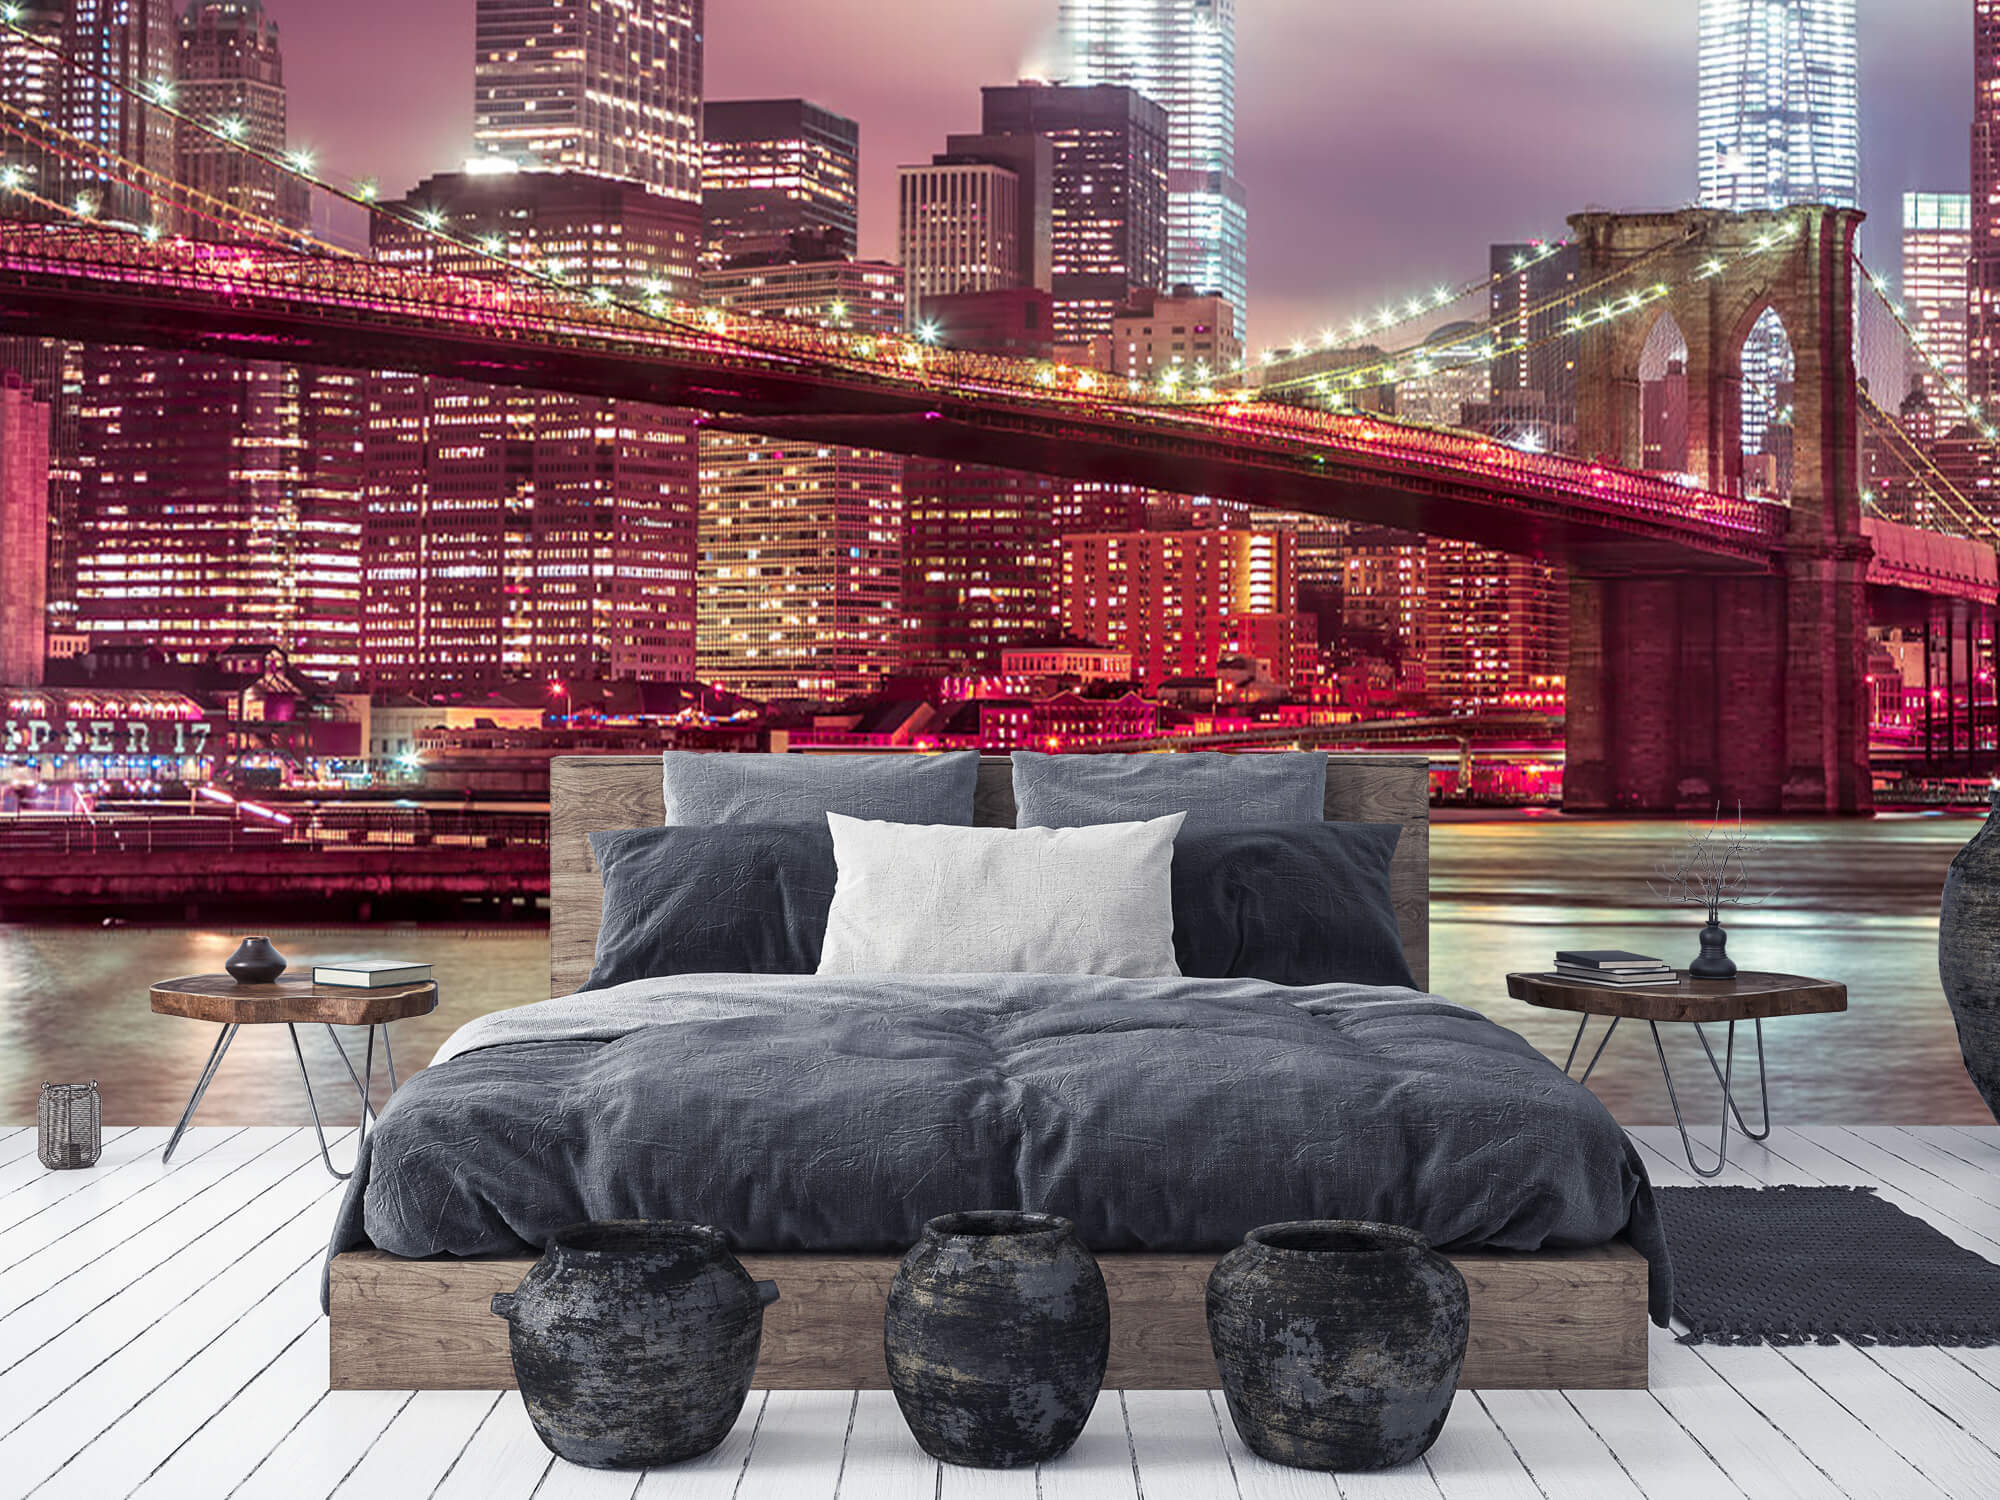 Evening in Manhattan 7